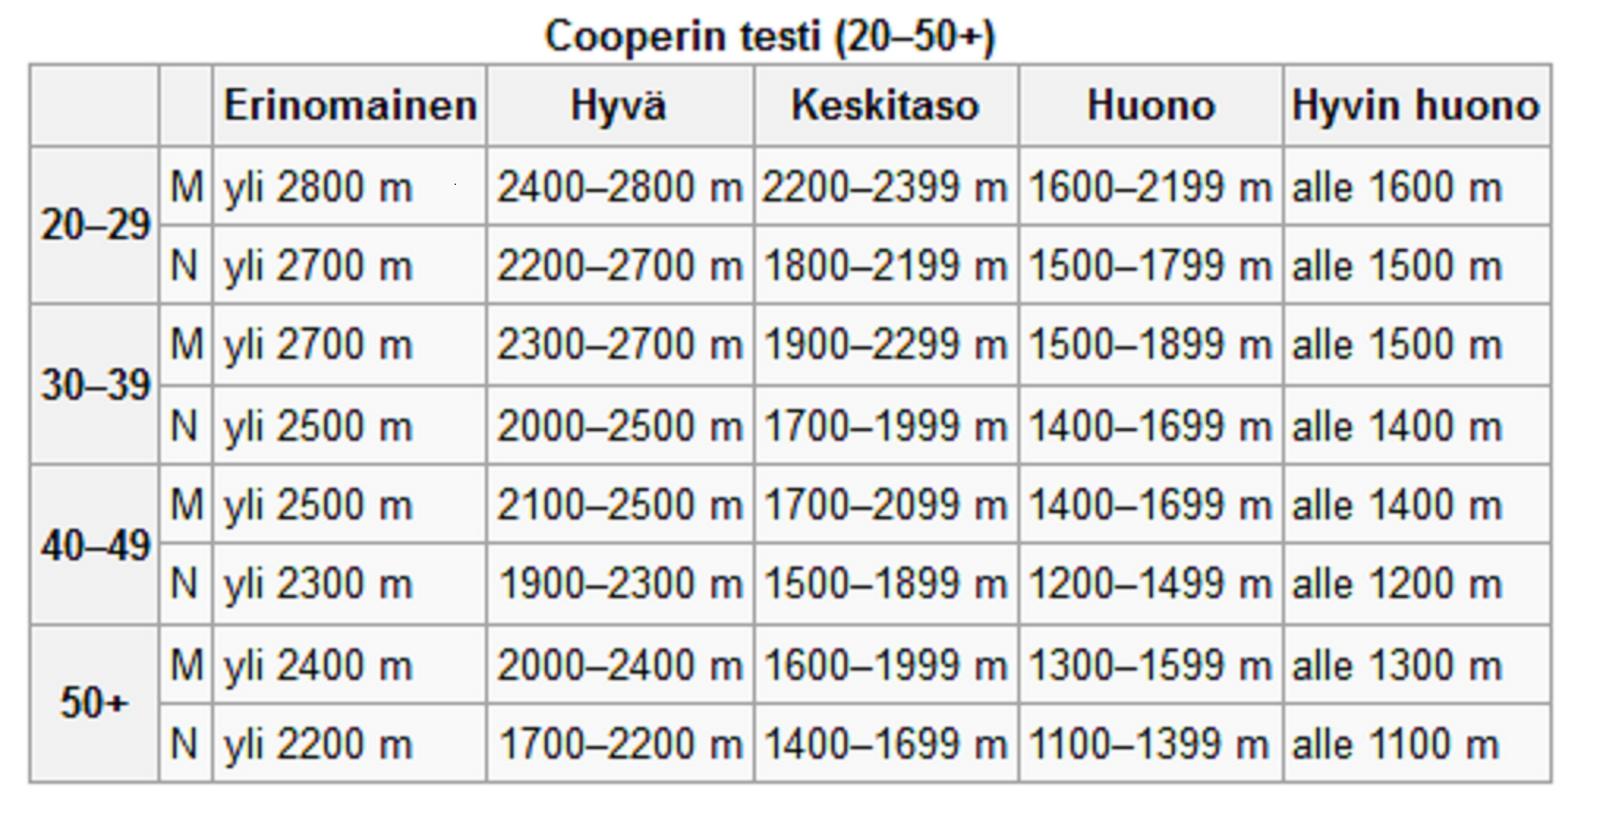 Cooperin Testi Yli 60 Vuotiaille